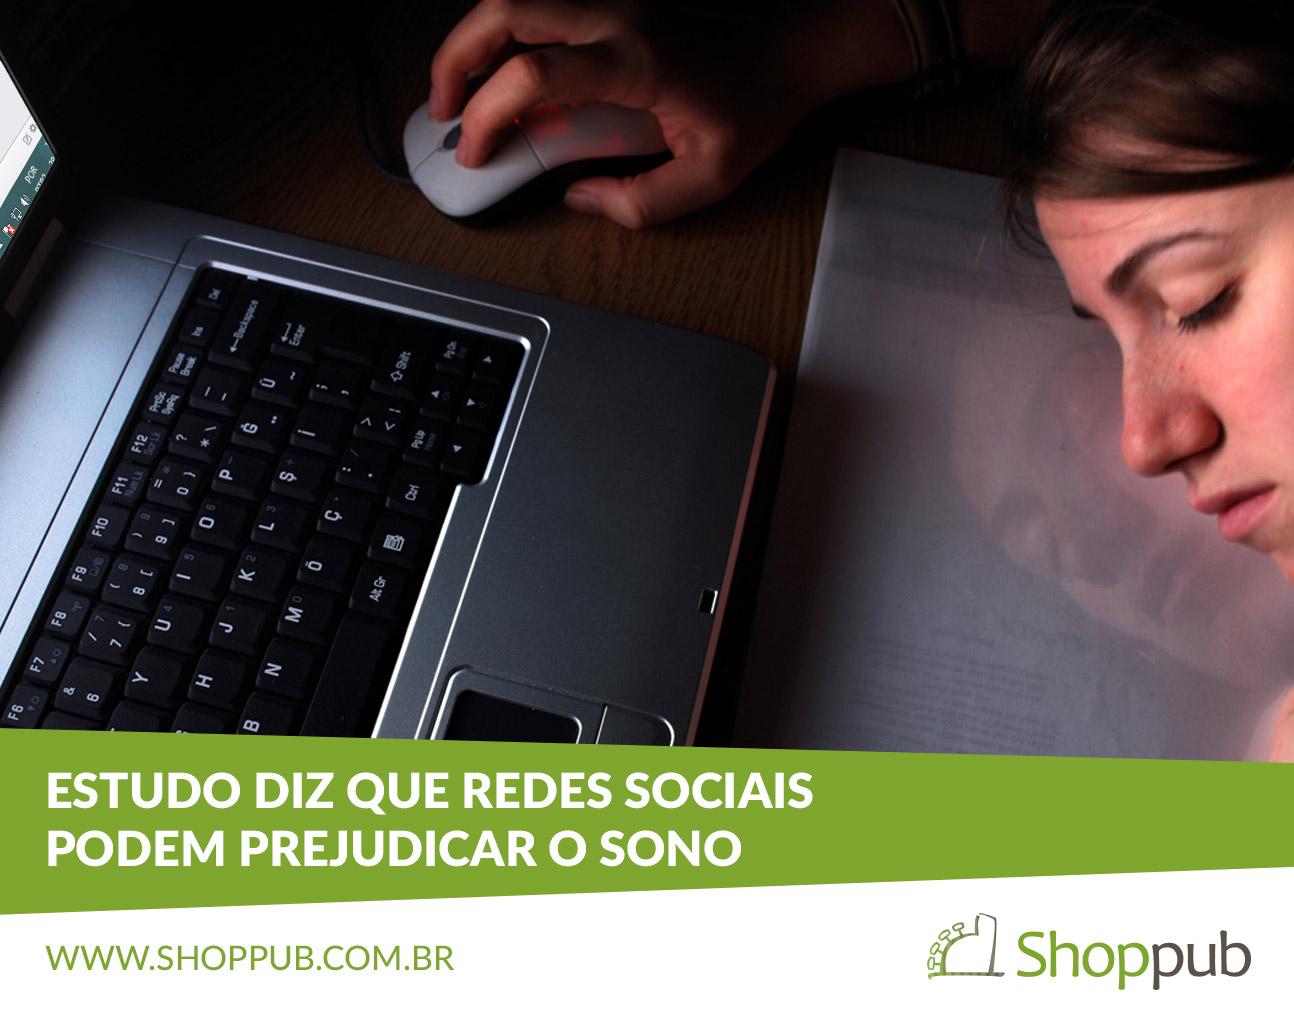 Estudo diz que redes sociais podem prejudicar o sono